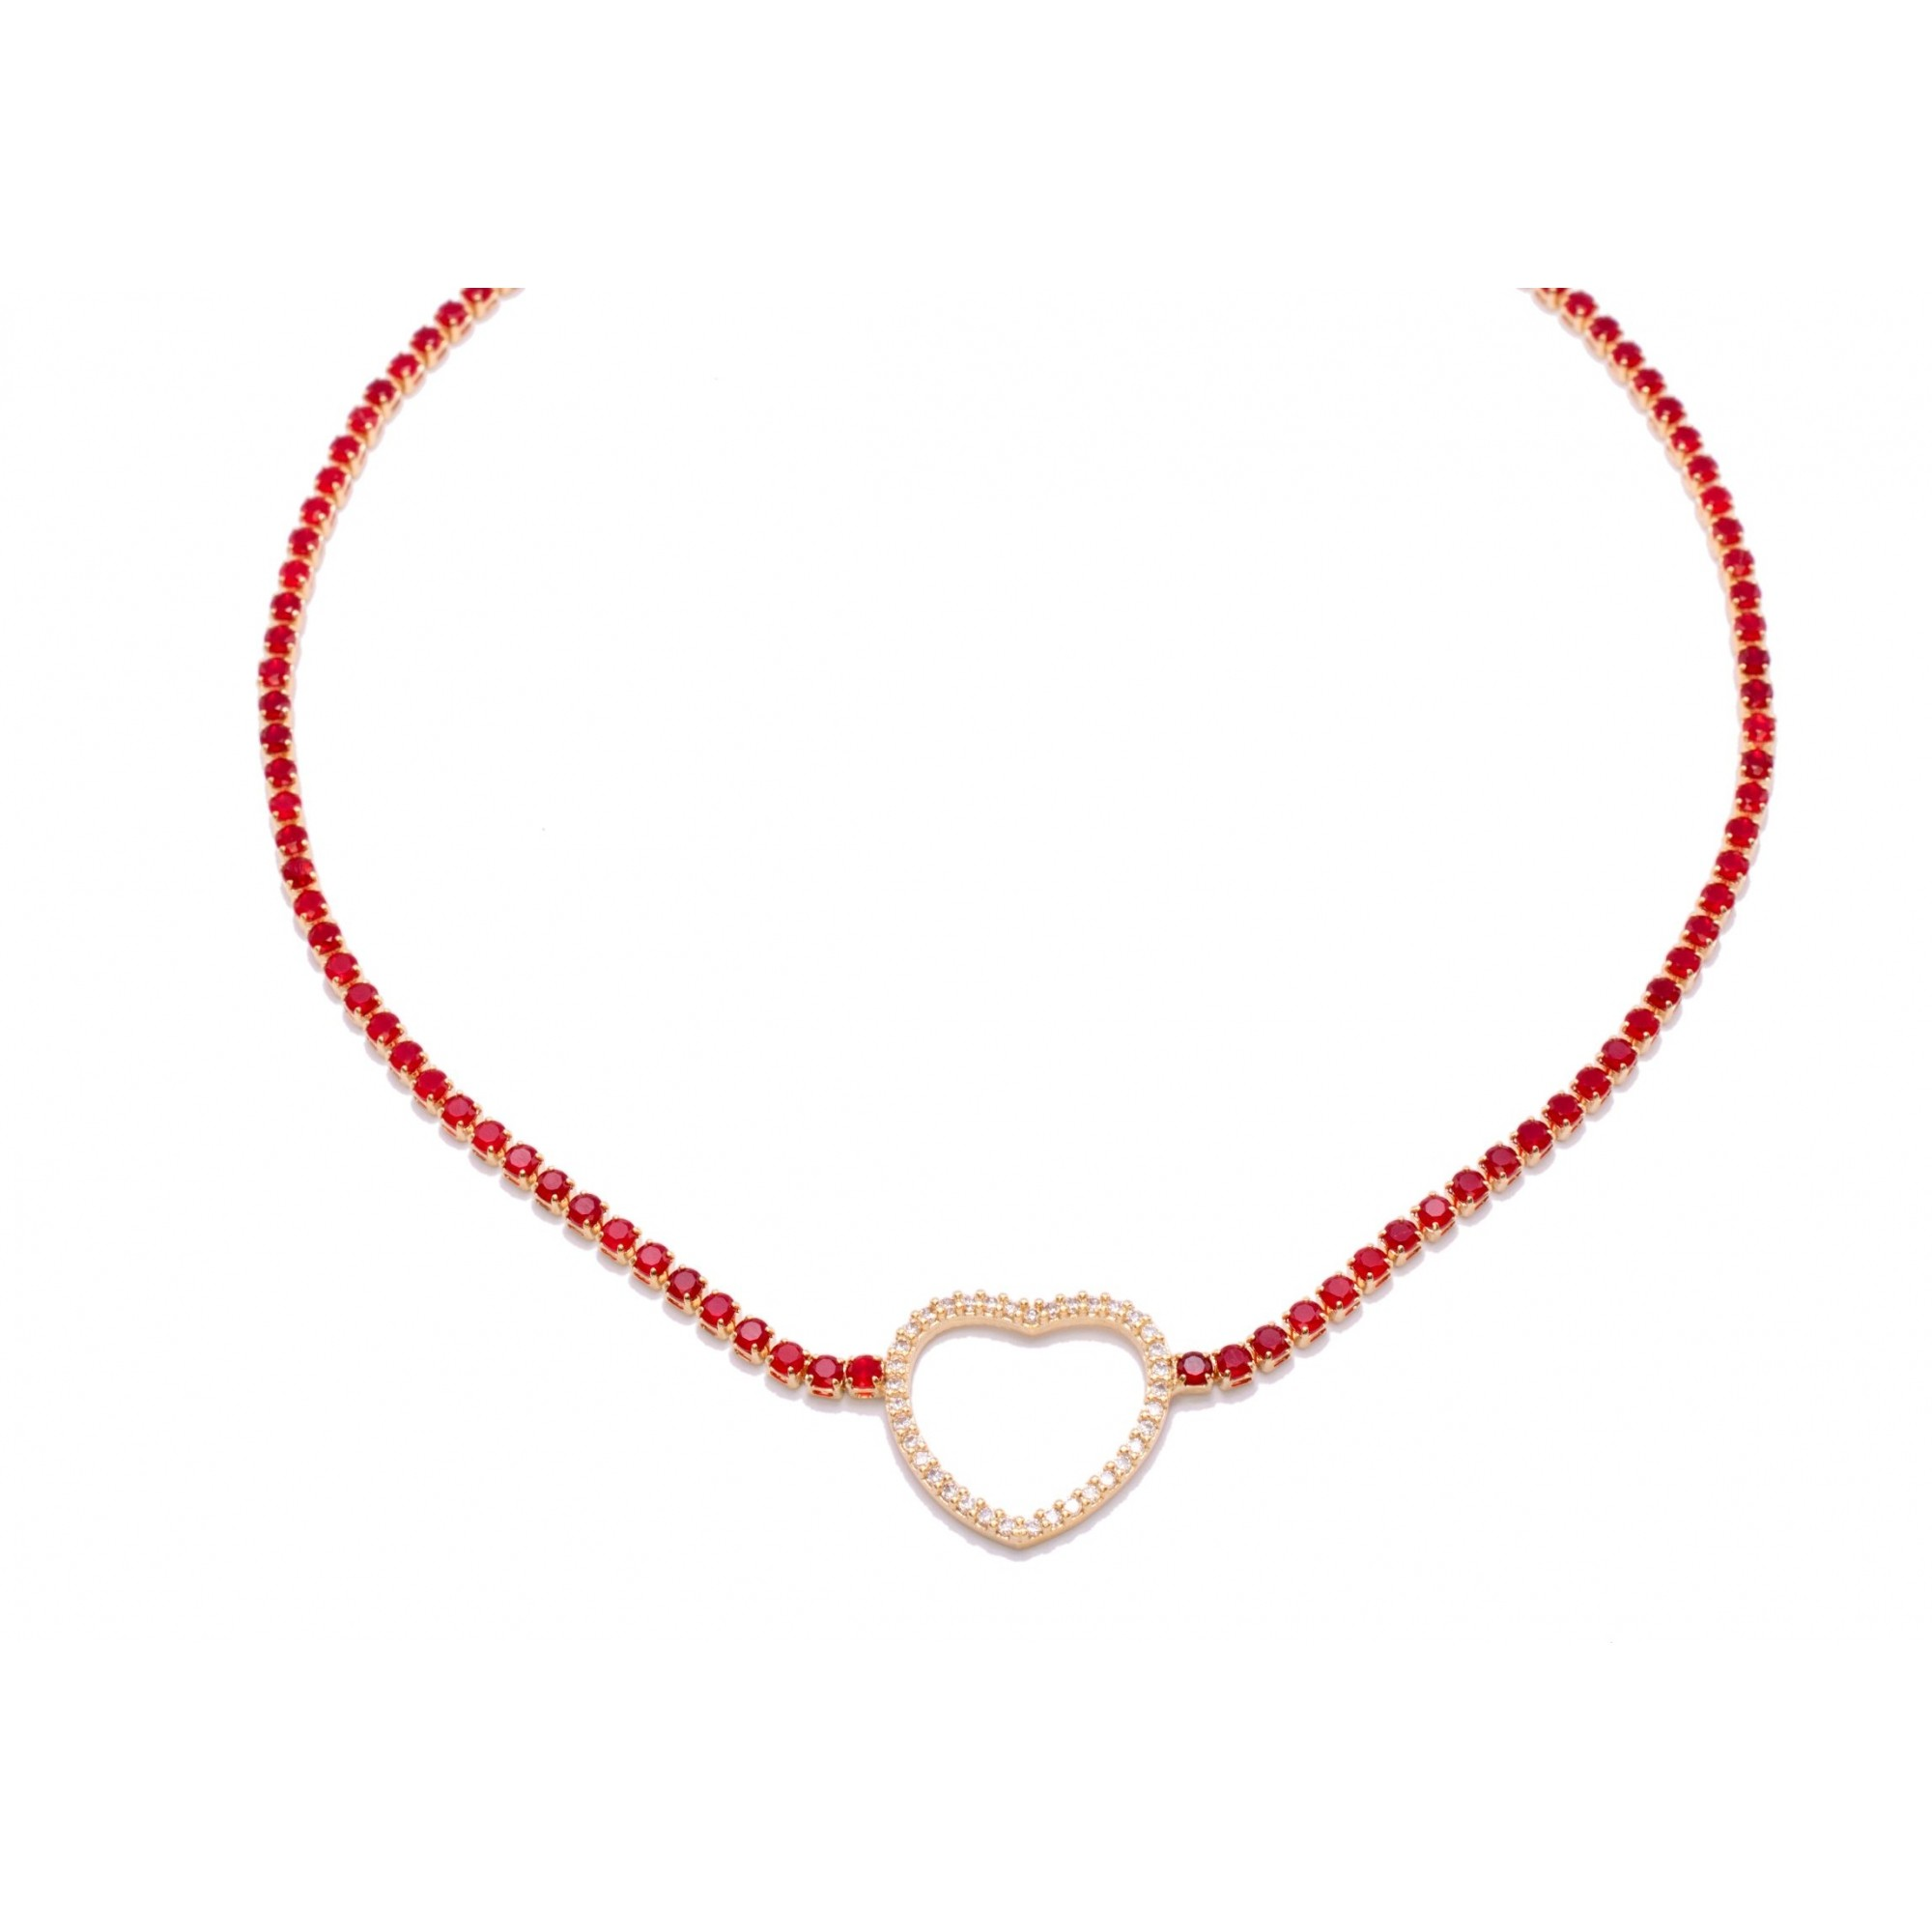 Colar Choker Coração com Zircônias Vermelhas Folheado em Ouro 18k - Giro Semijoias